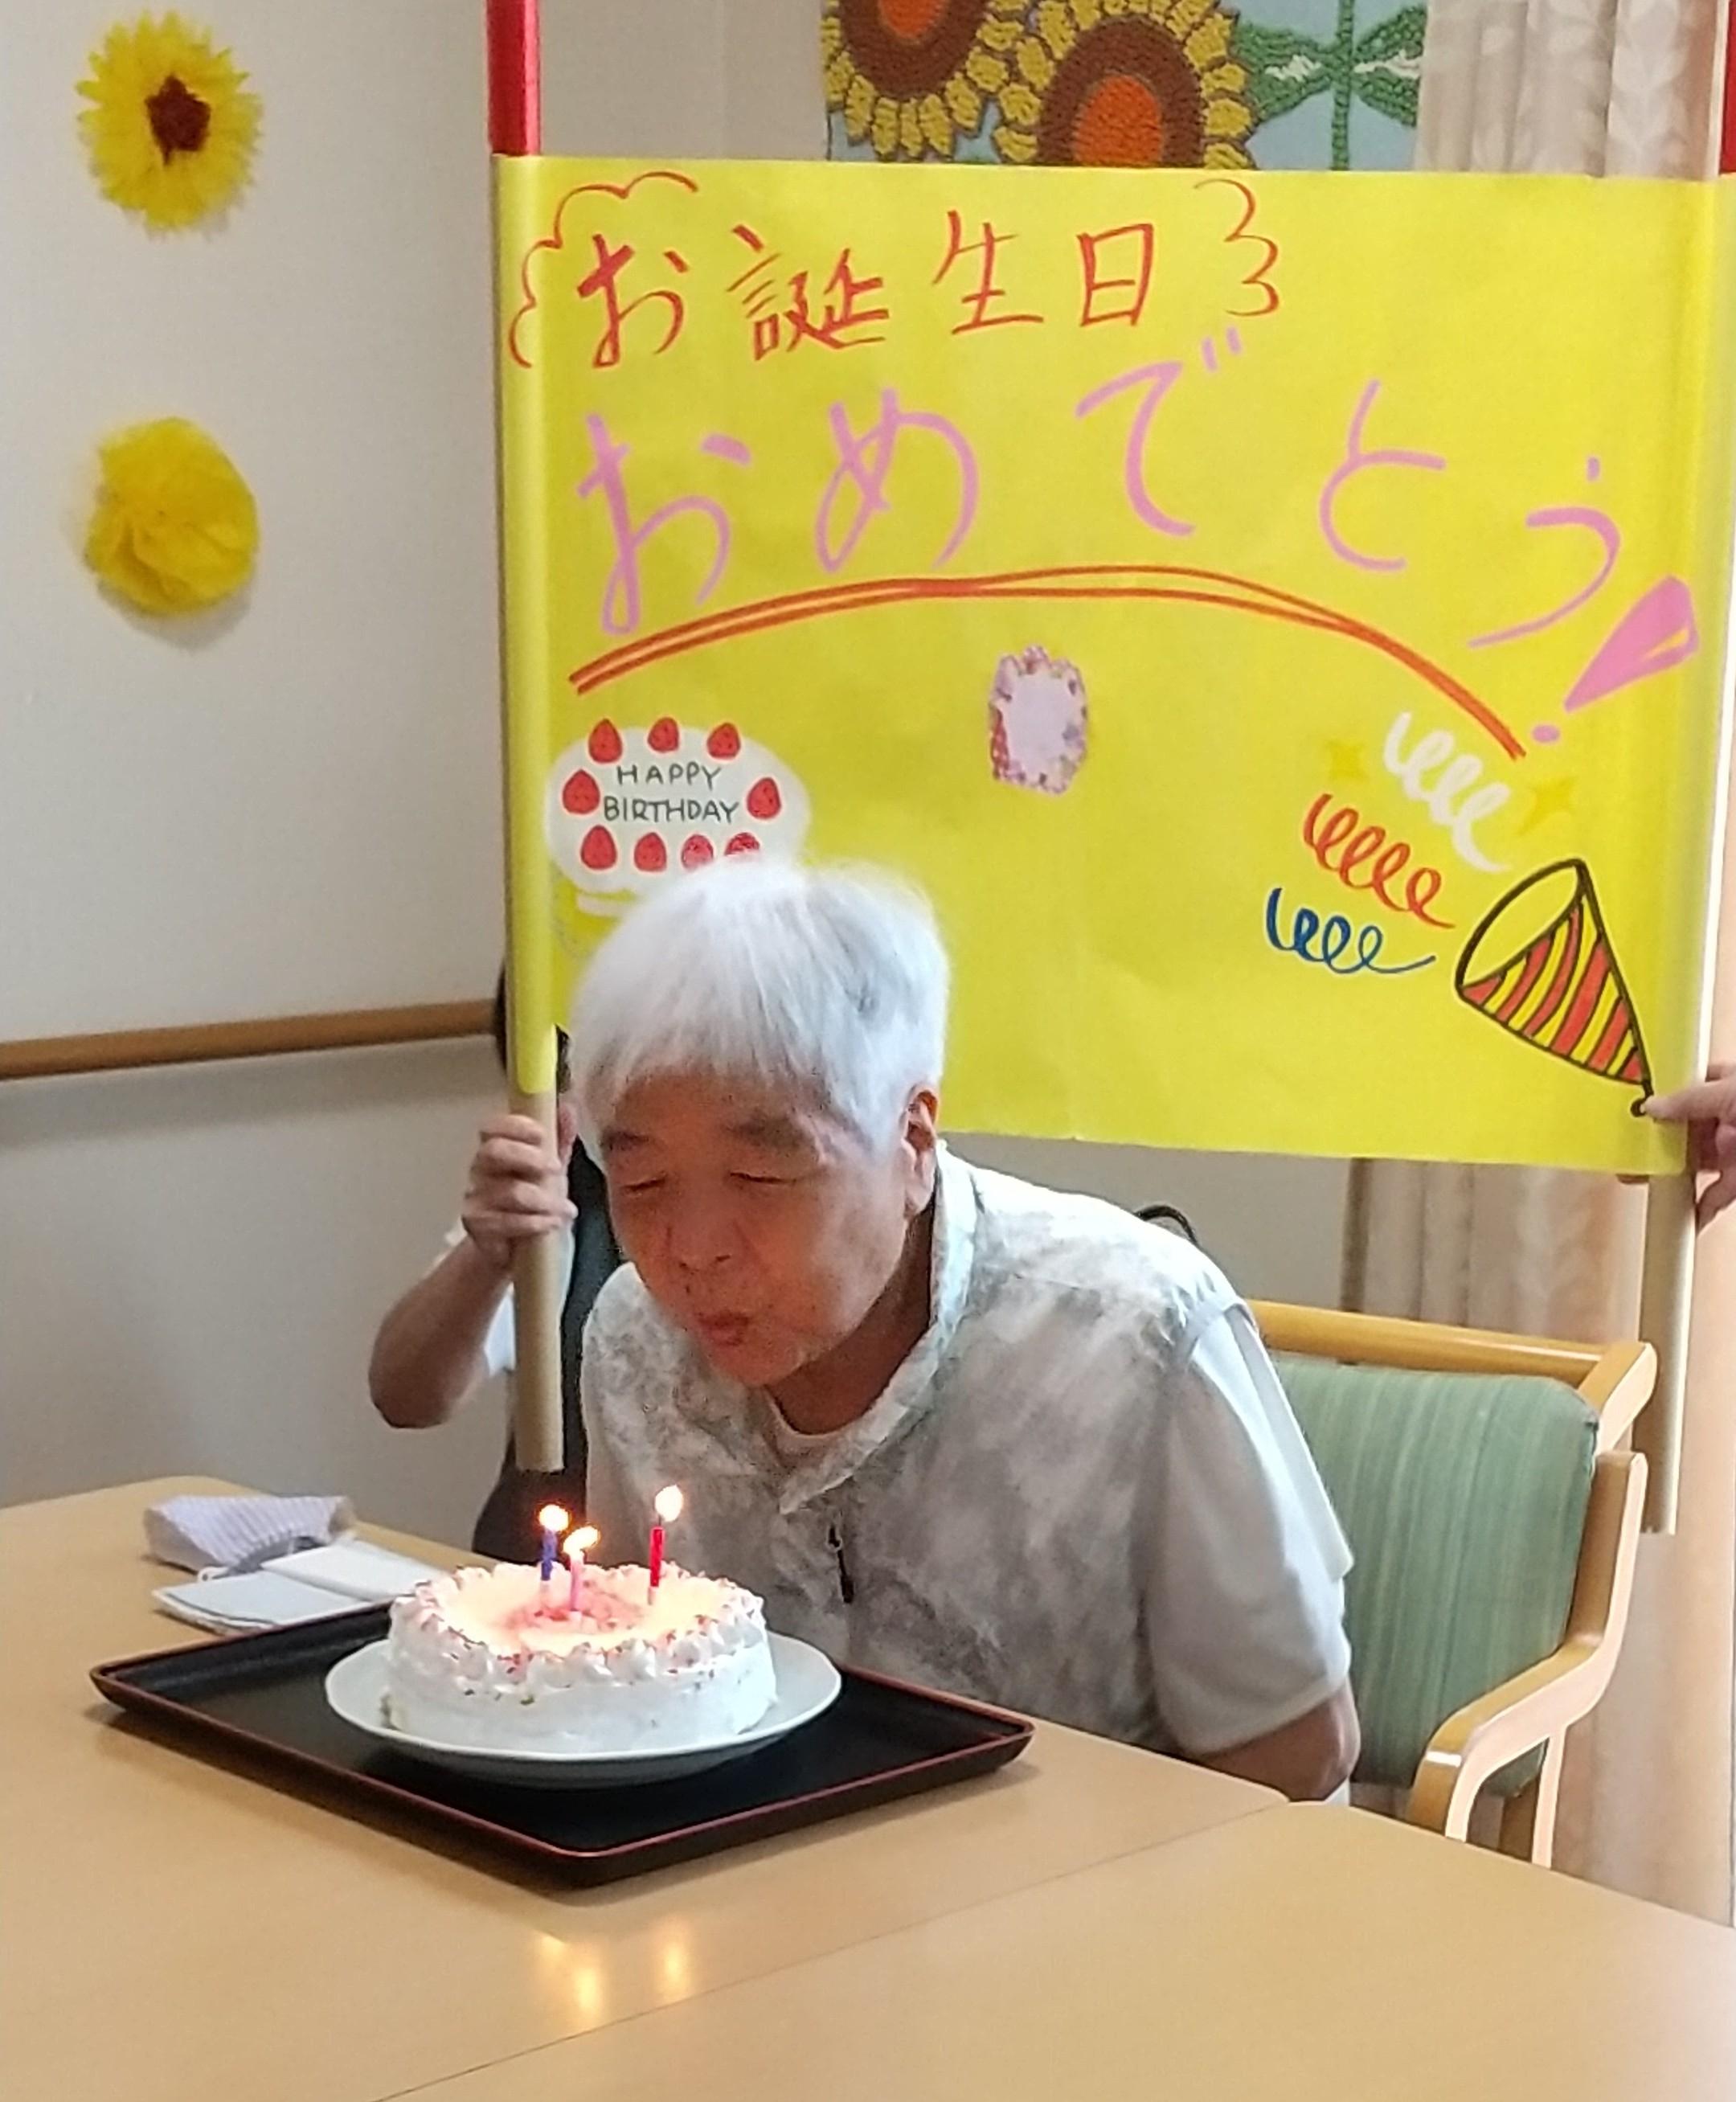 https://blog.magokorokaigo.com/staffblog/iruma-sh/TRIPART_0001_BURST20210720131224955_COVER_2.JPG